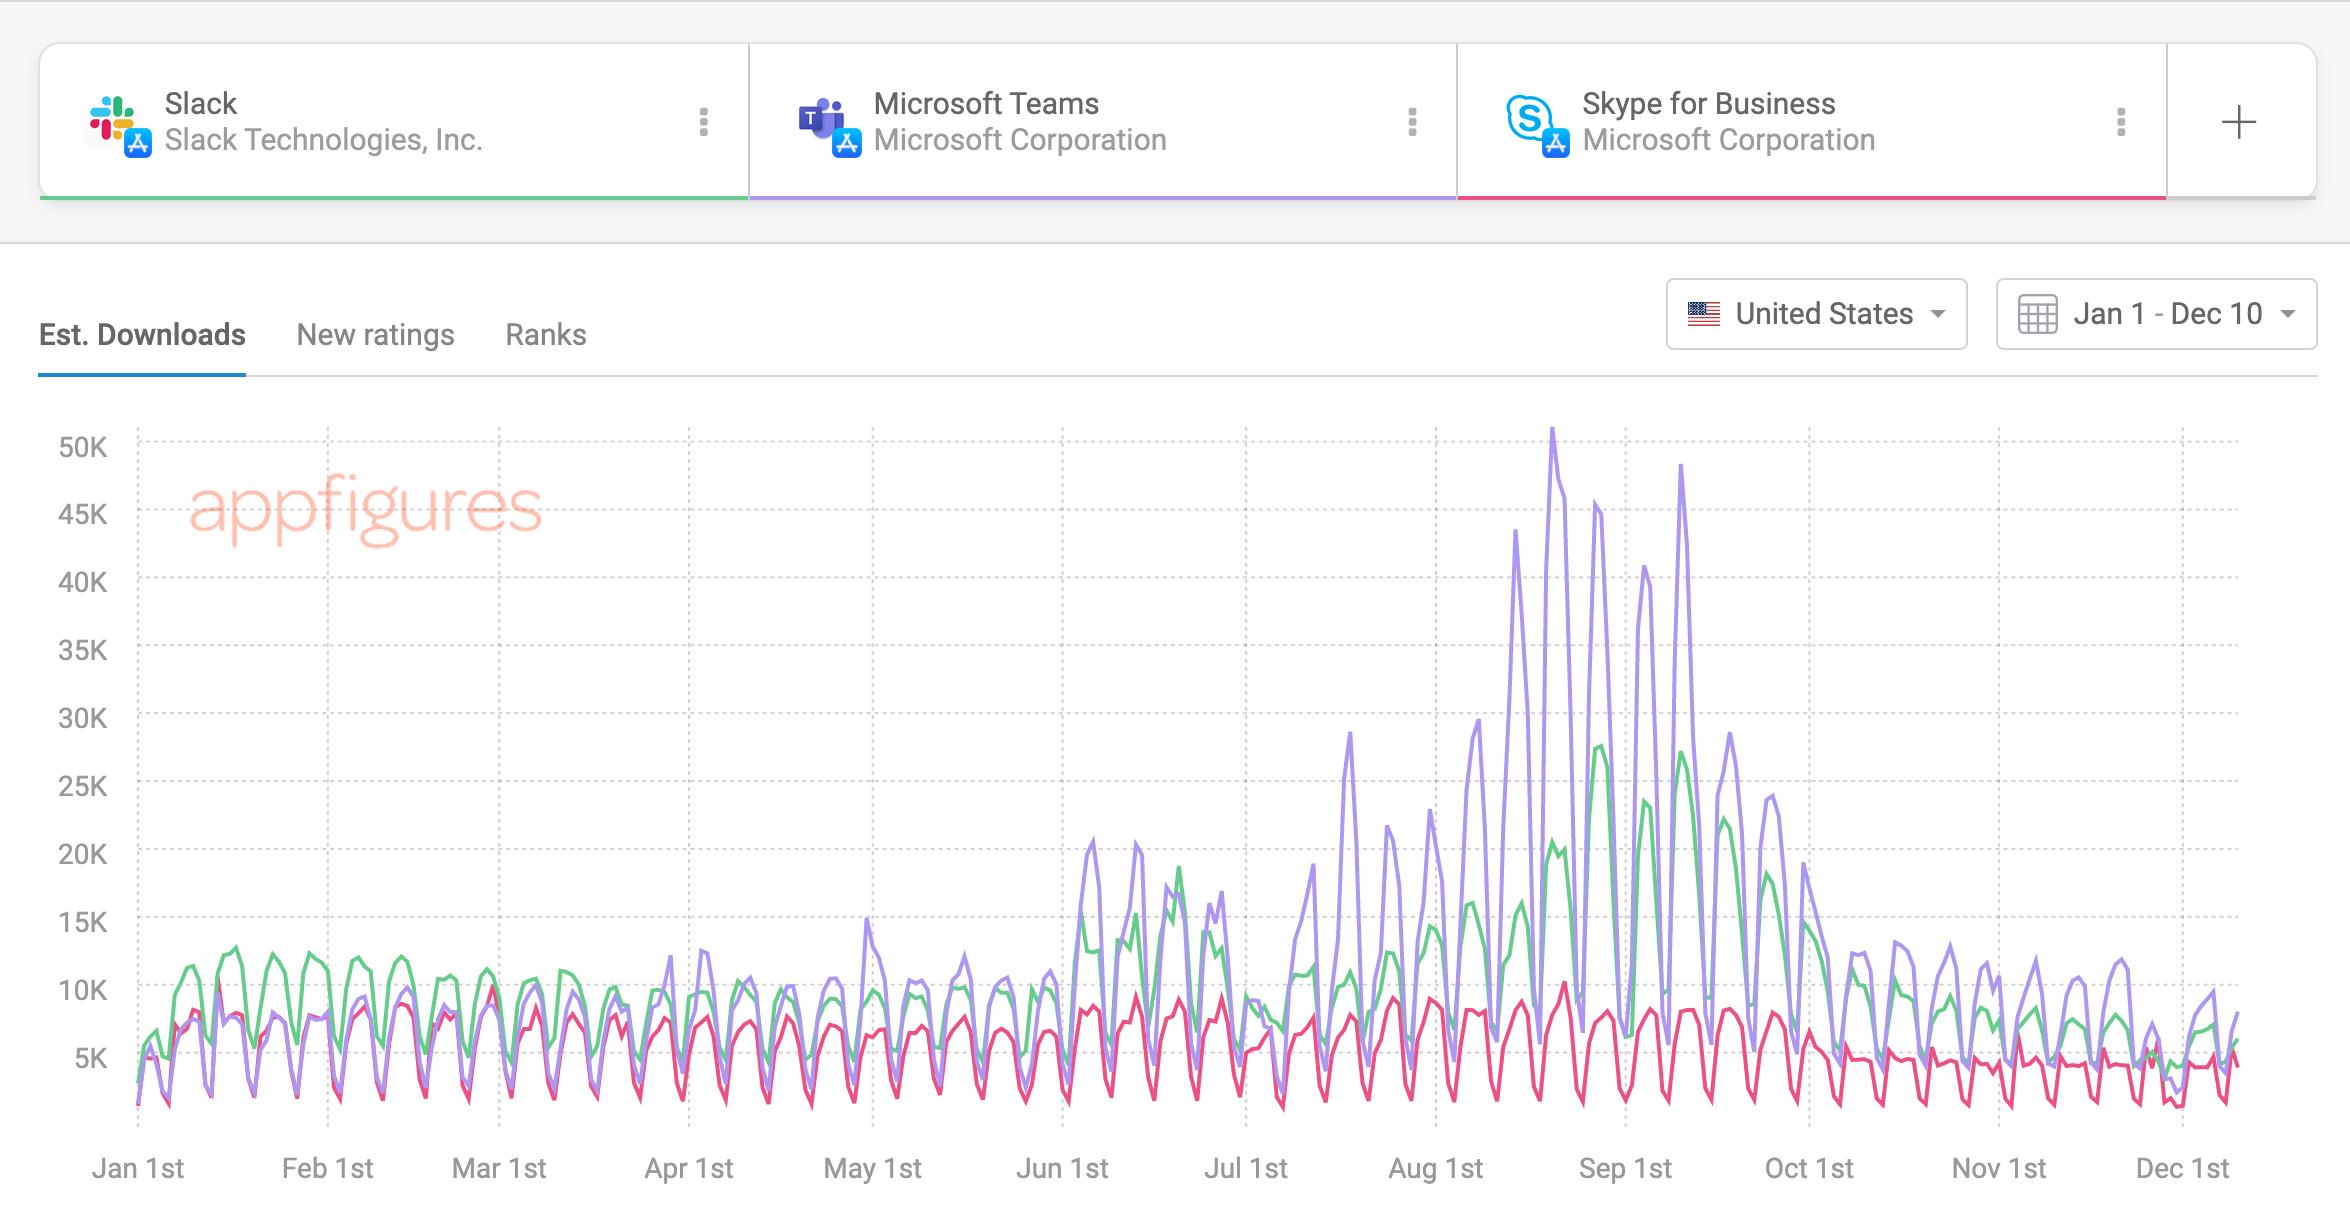 Daily downloads - Slack vs Microsoft Teams vs Slack for Business